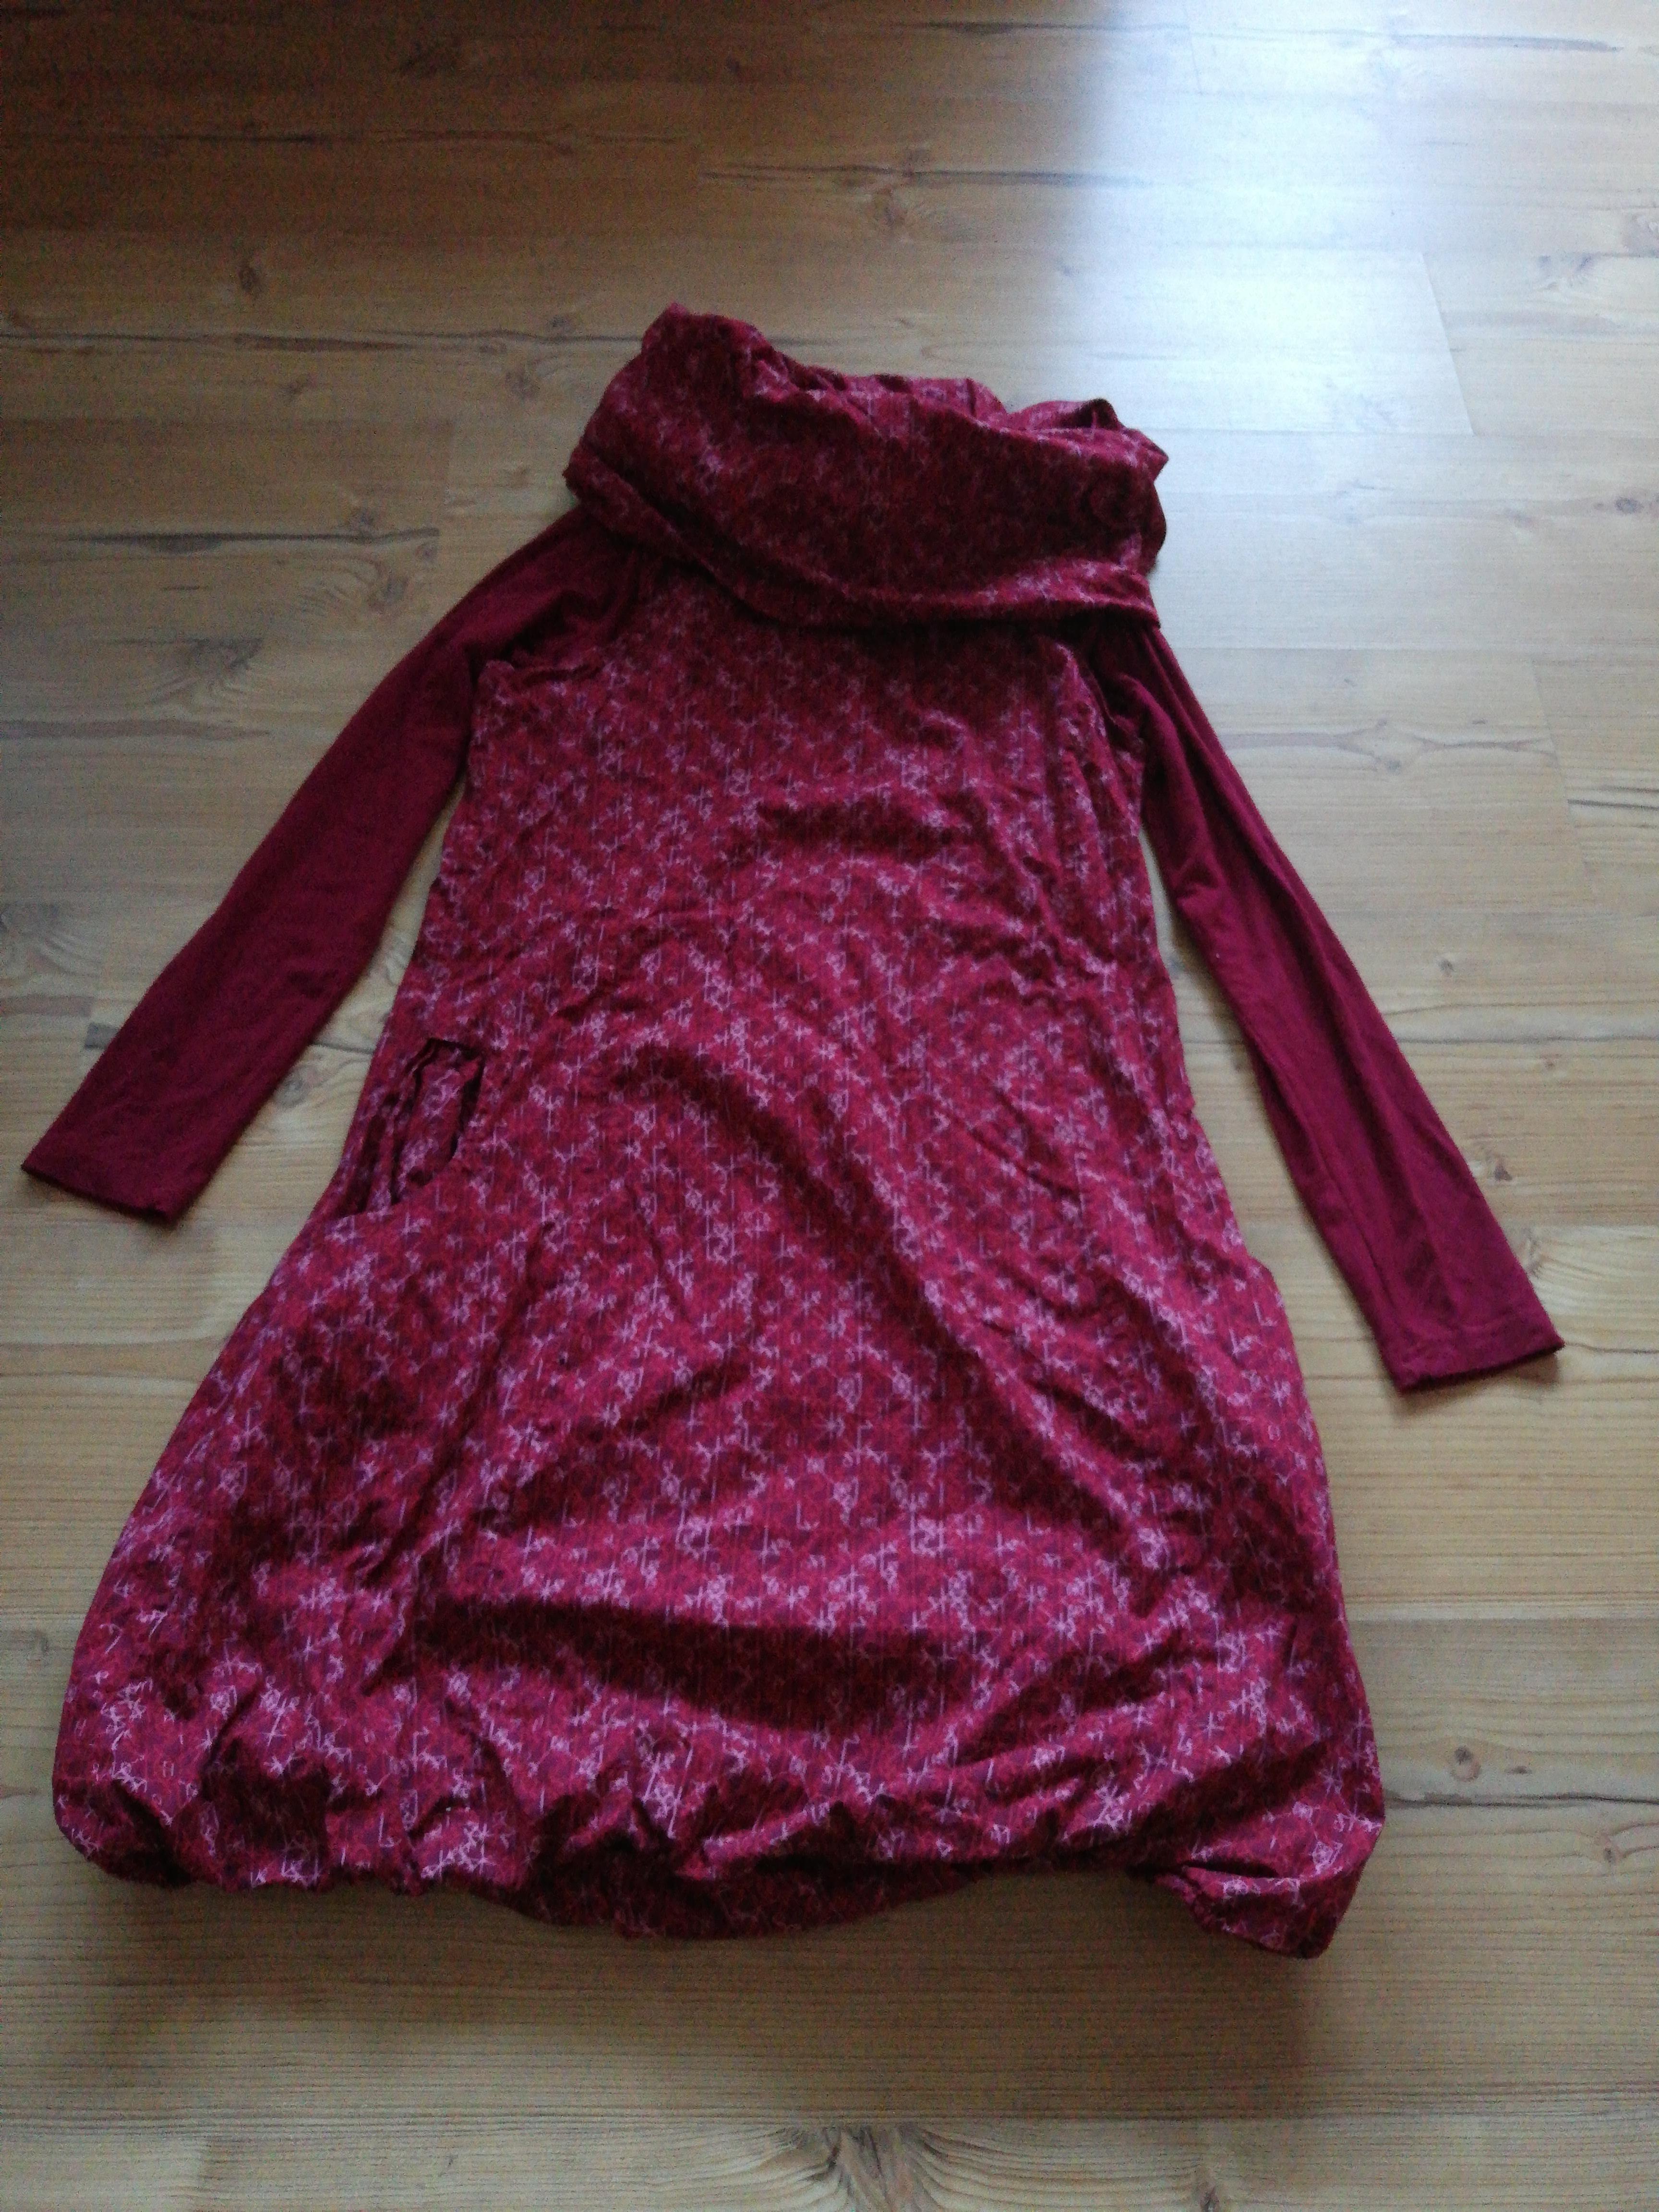 Gemütlich-schönes Kleid tauschen